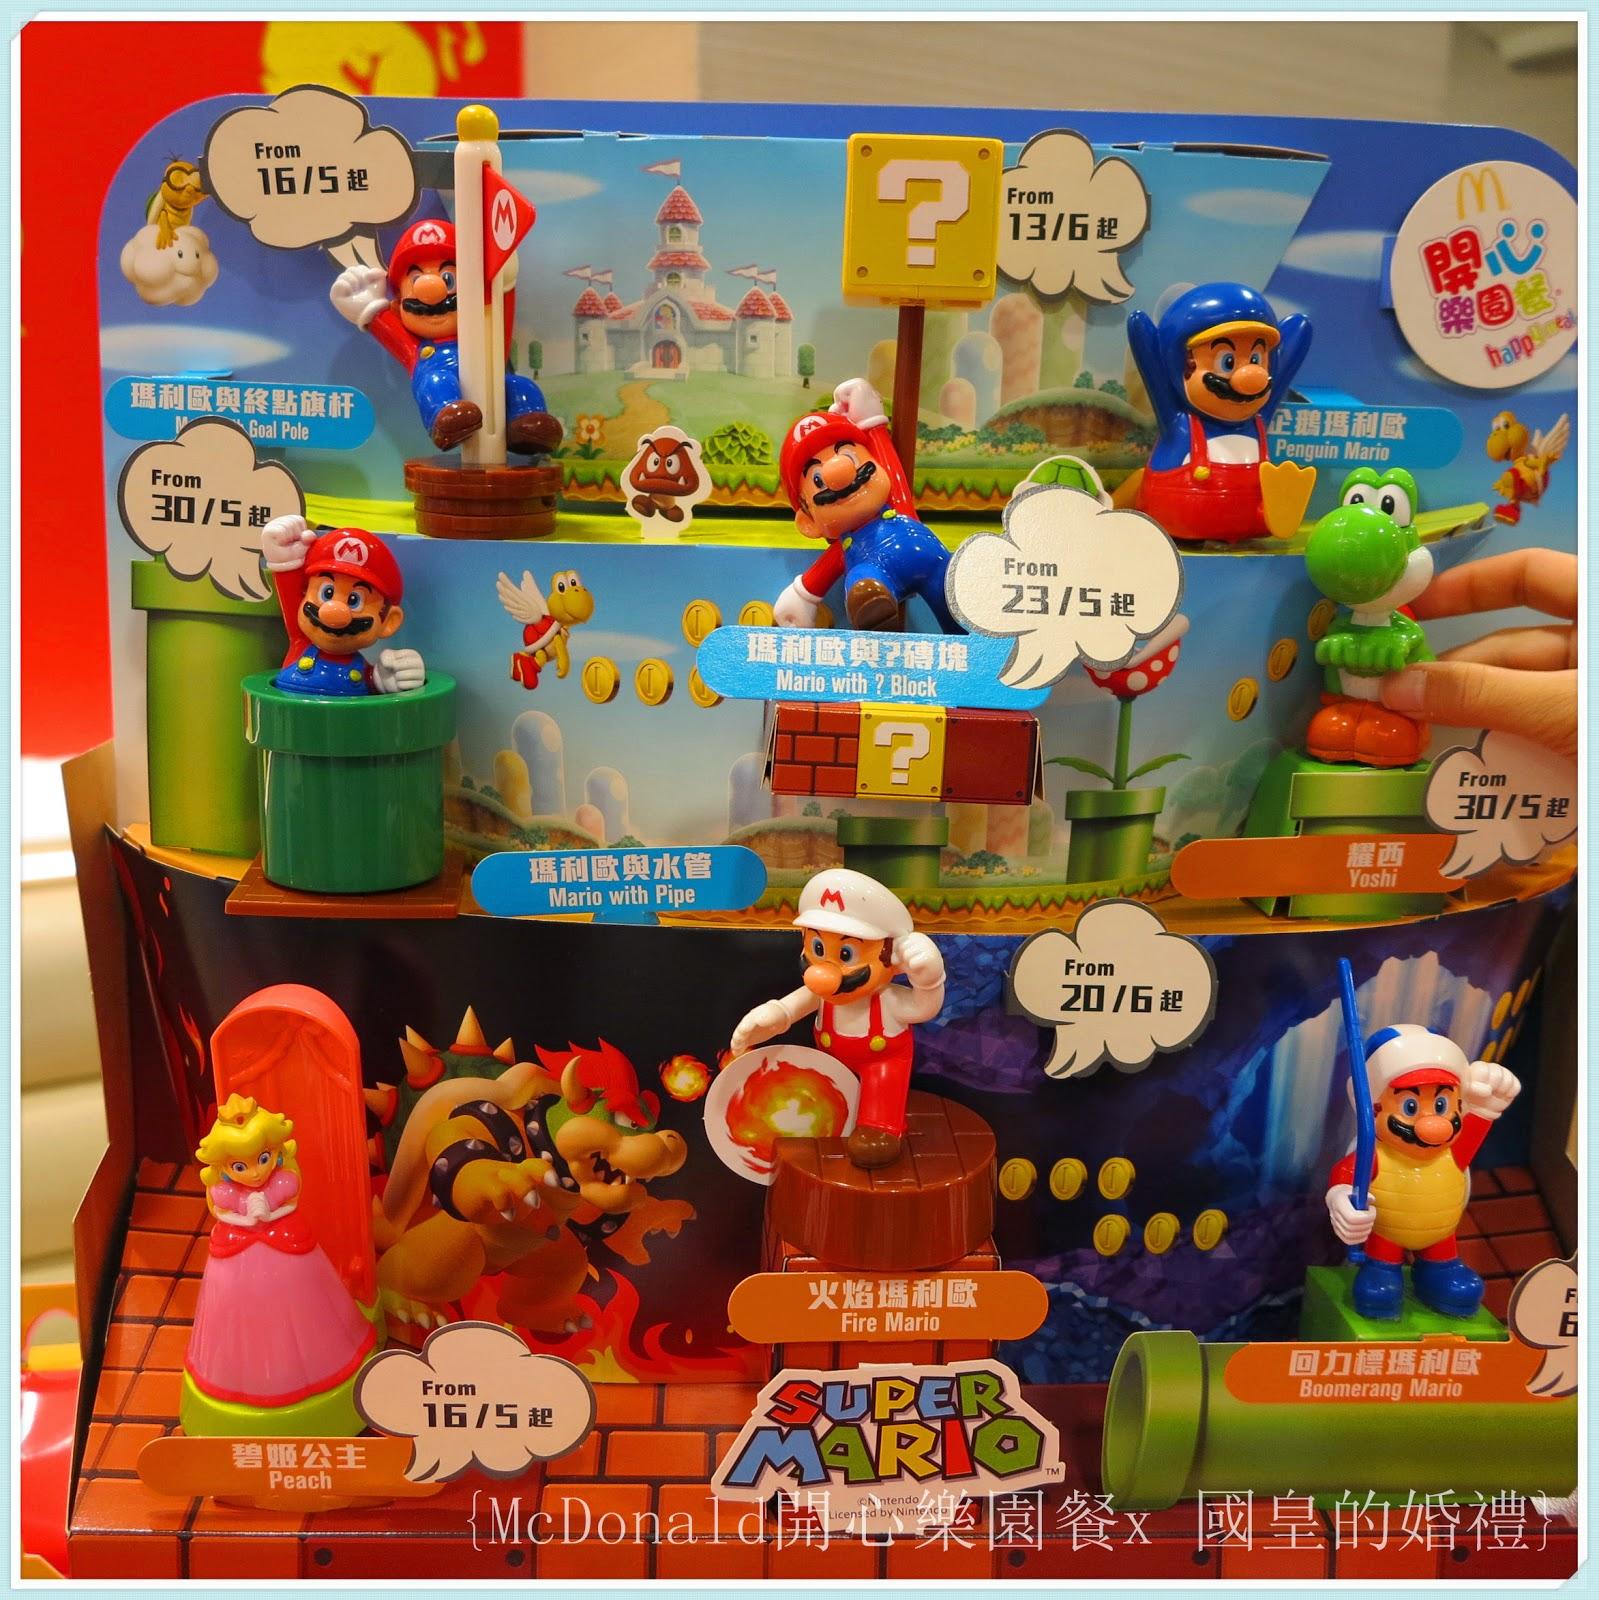 國皇的婚禮: 麥當勞開心樂園餐最新玩具( Super Mario 與您玩轉蘑菇王國)